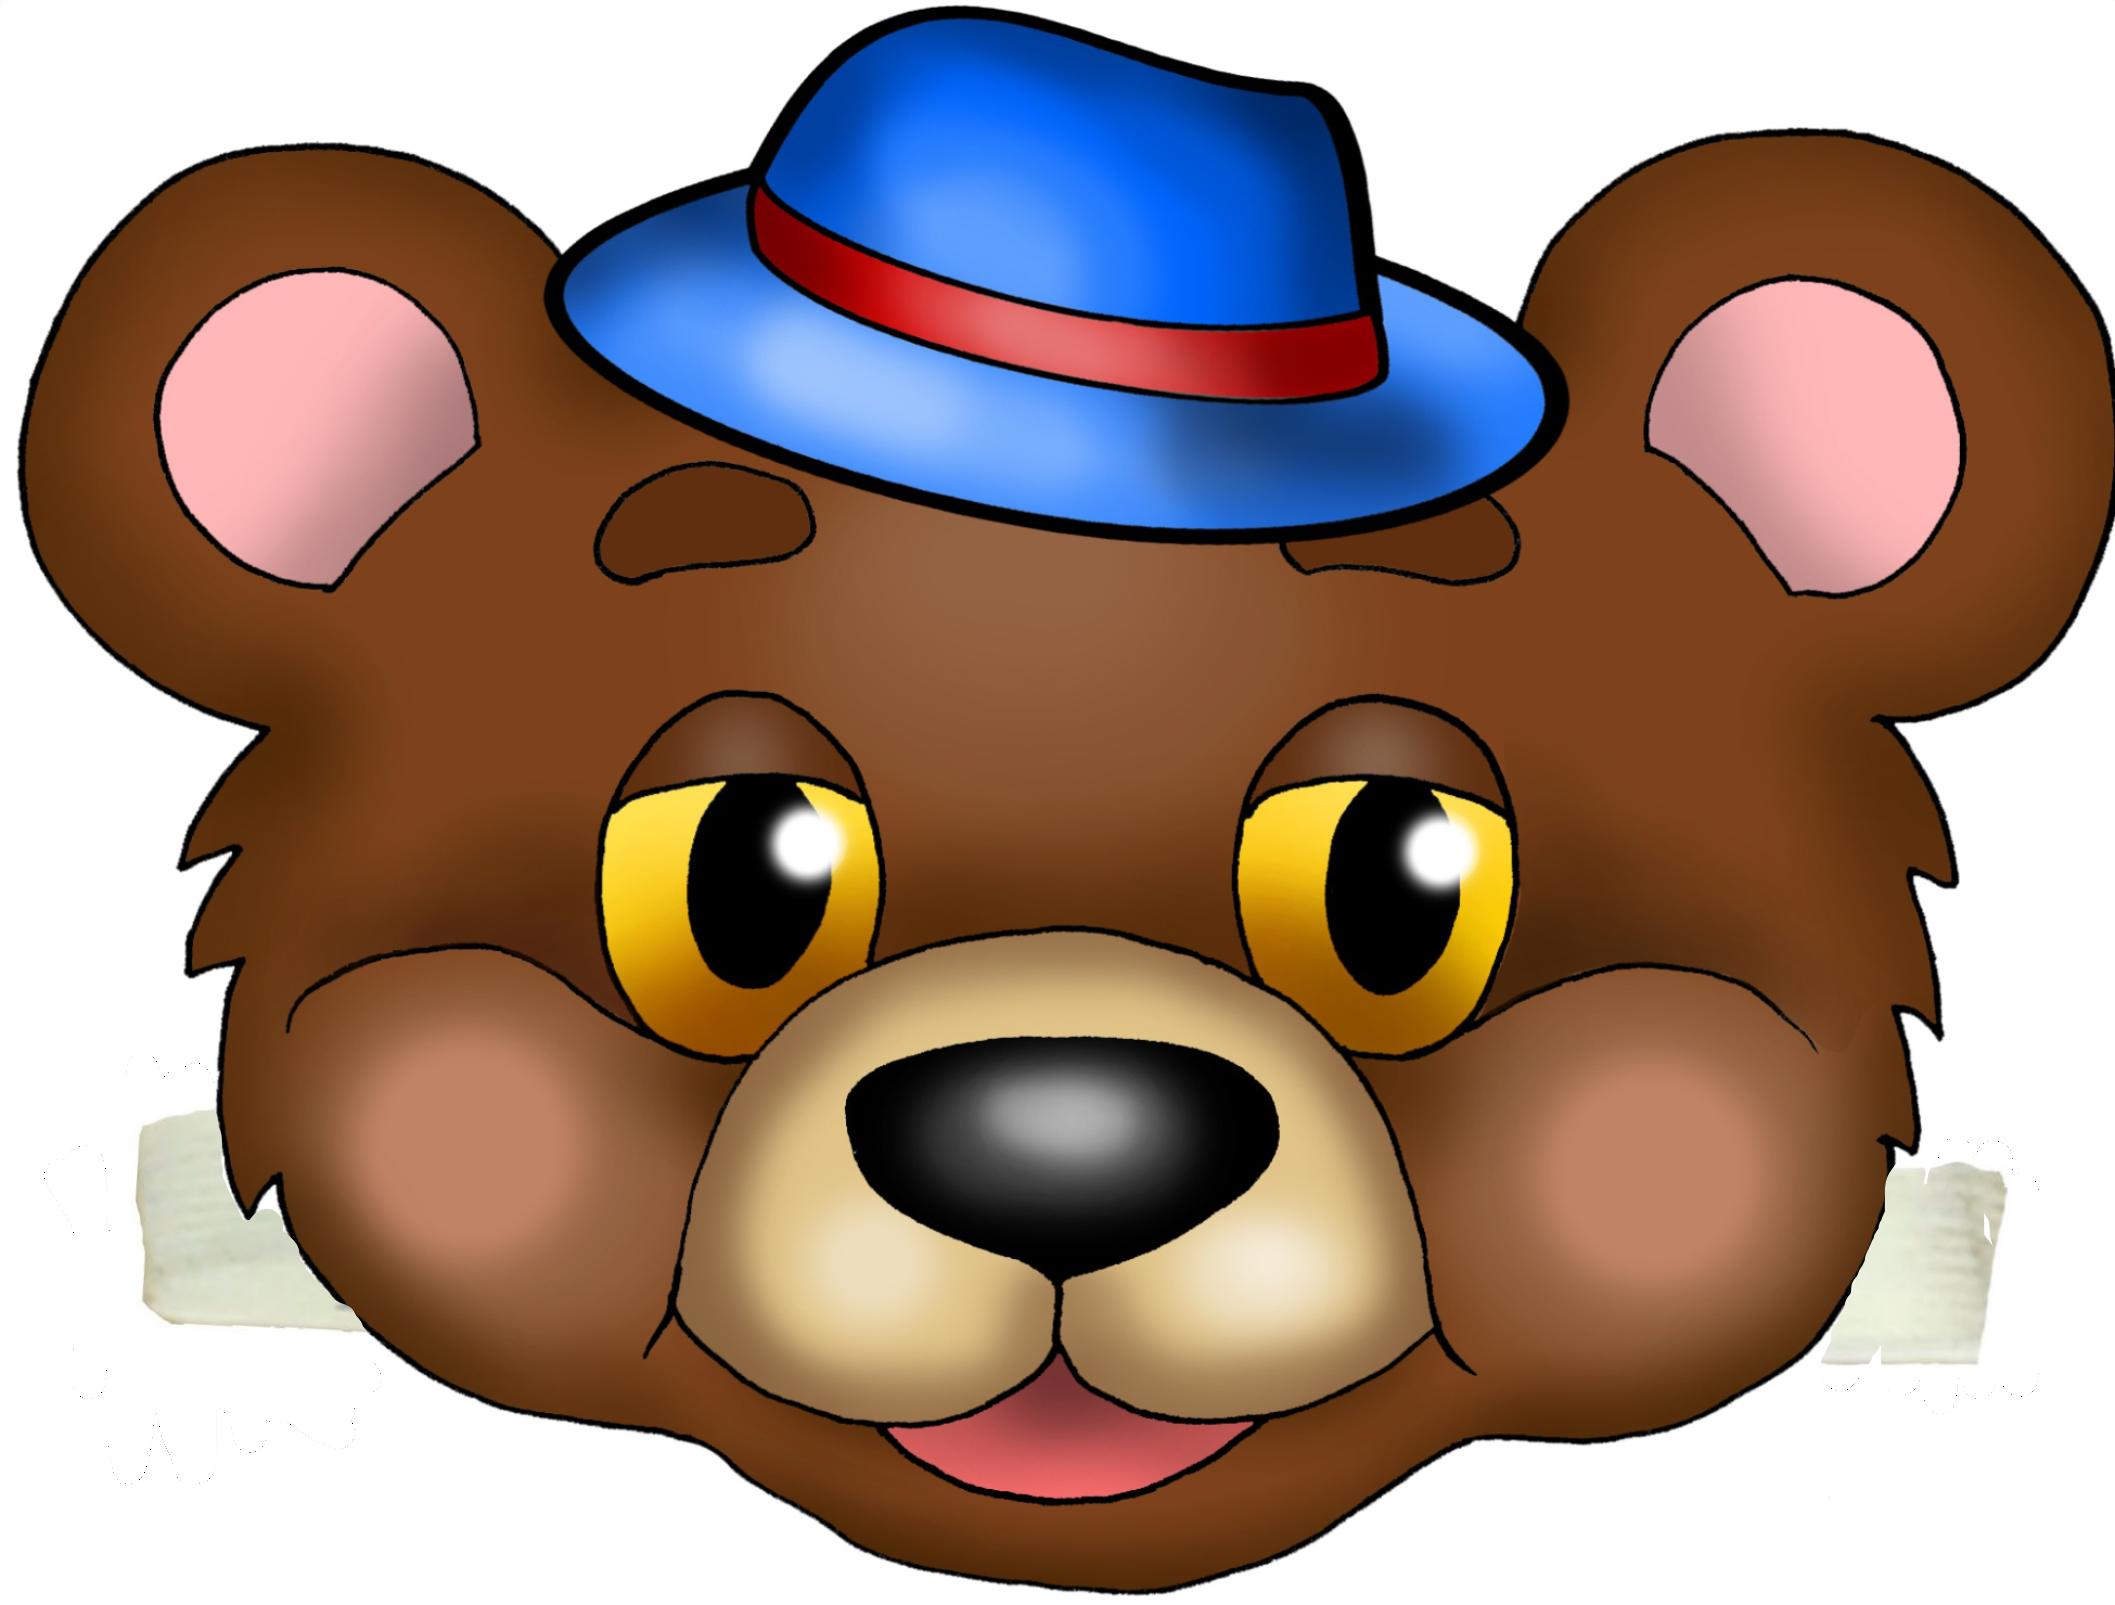 Картинка мордочка медведя для детей